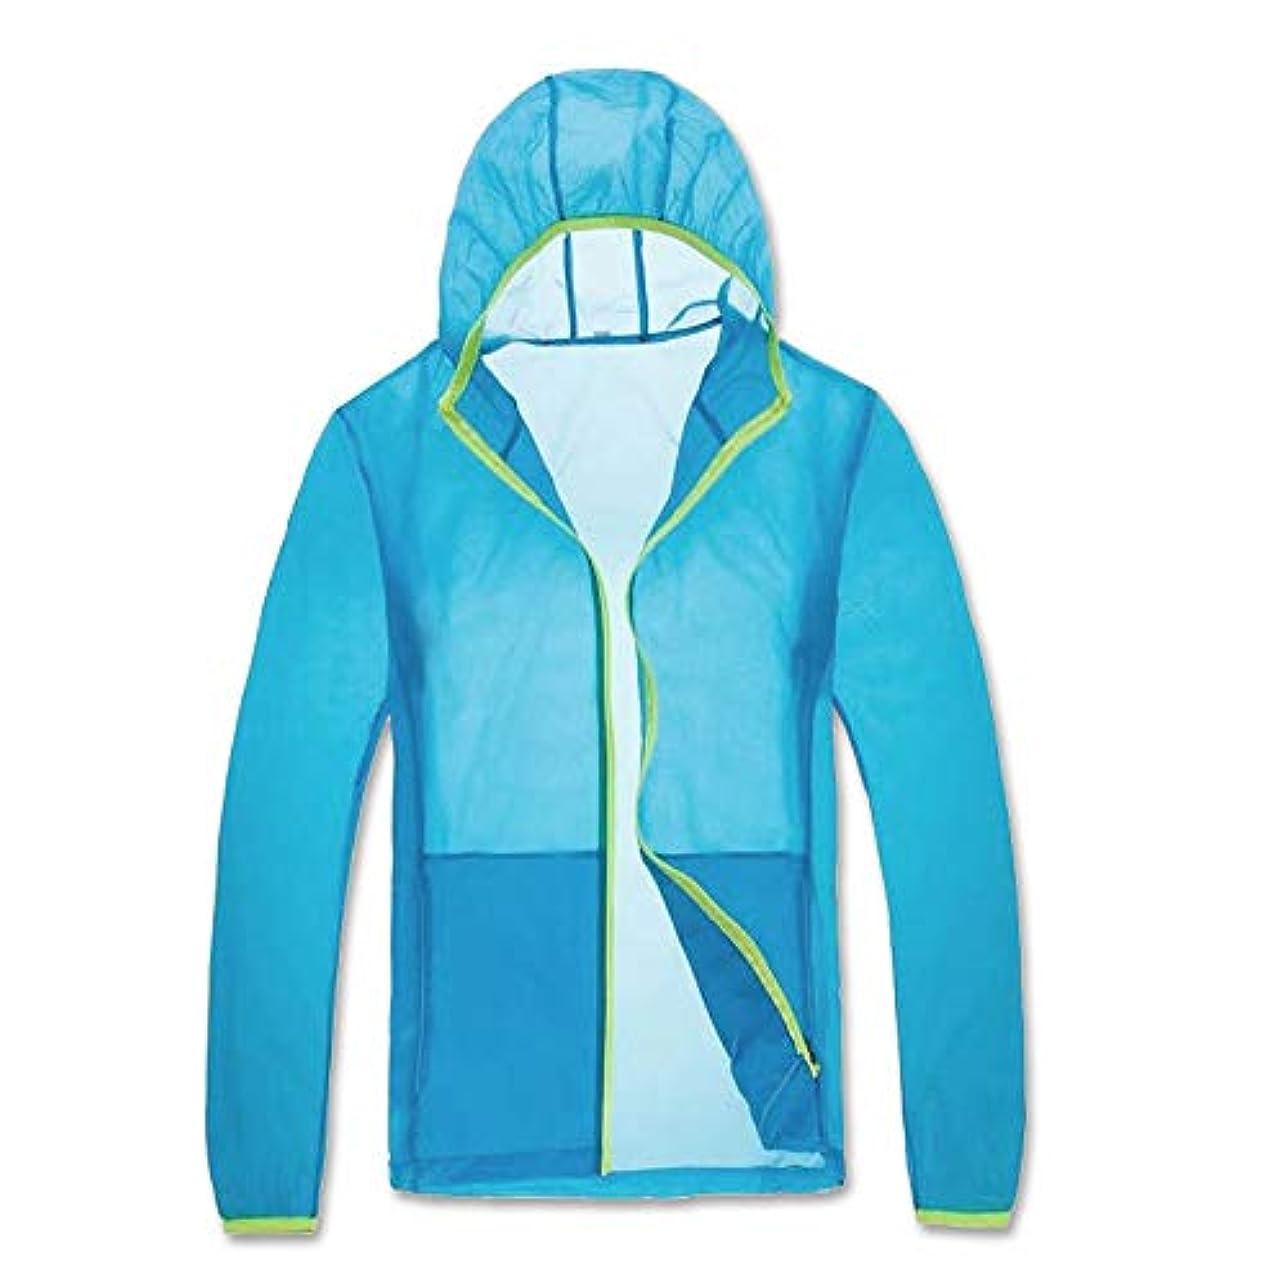 解く王女チョップ夏のエアコン衣類ファン冷却衣服冷却ジャケット日焼け止め防蚊防水ジャケットスキンコート,Blue,L